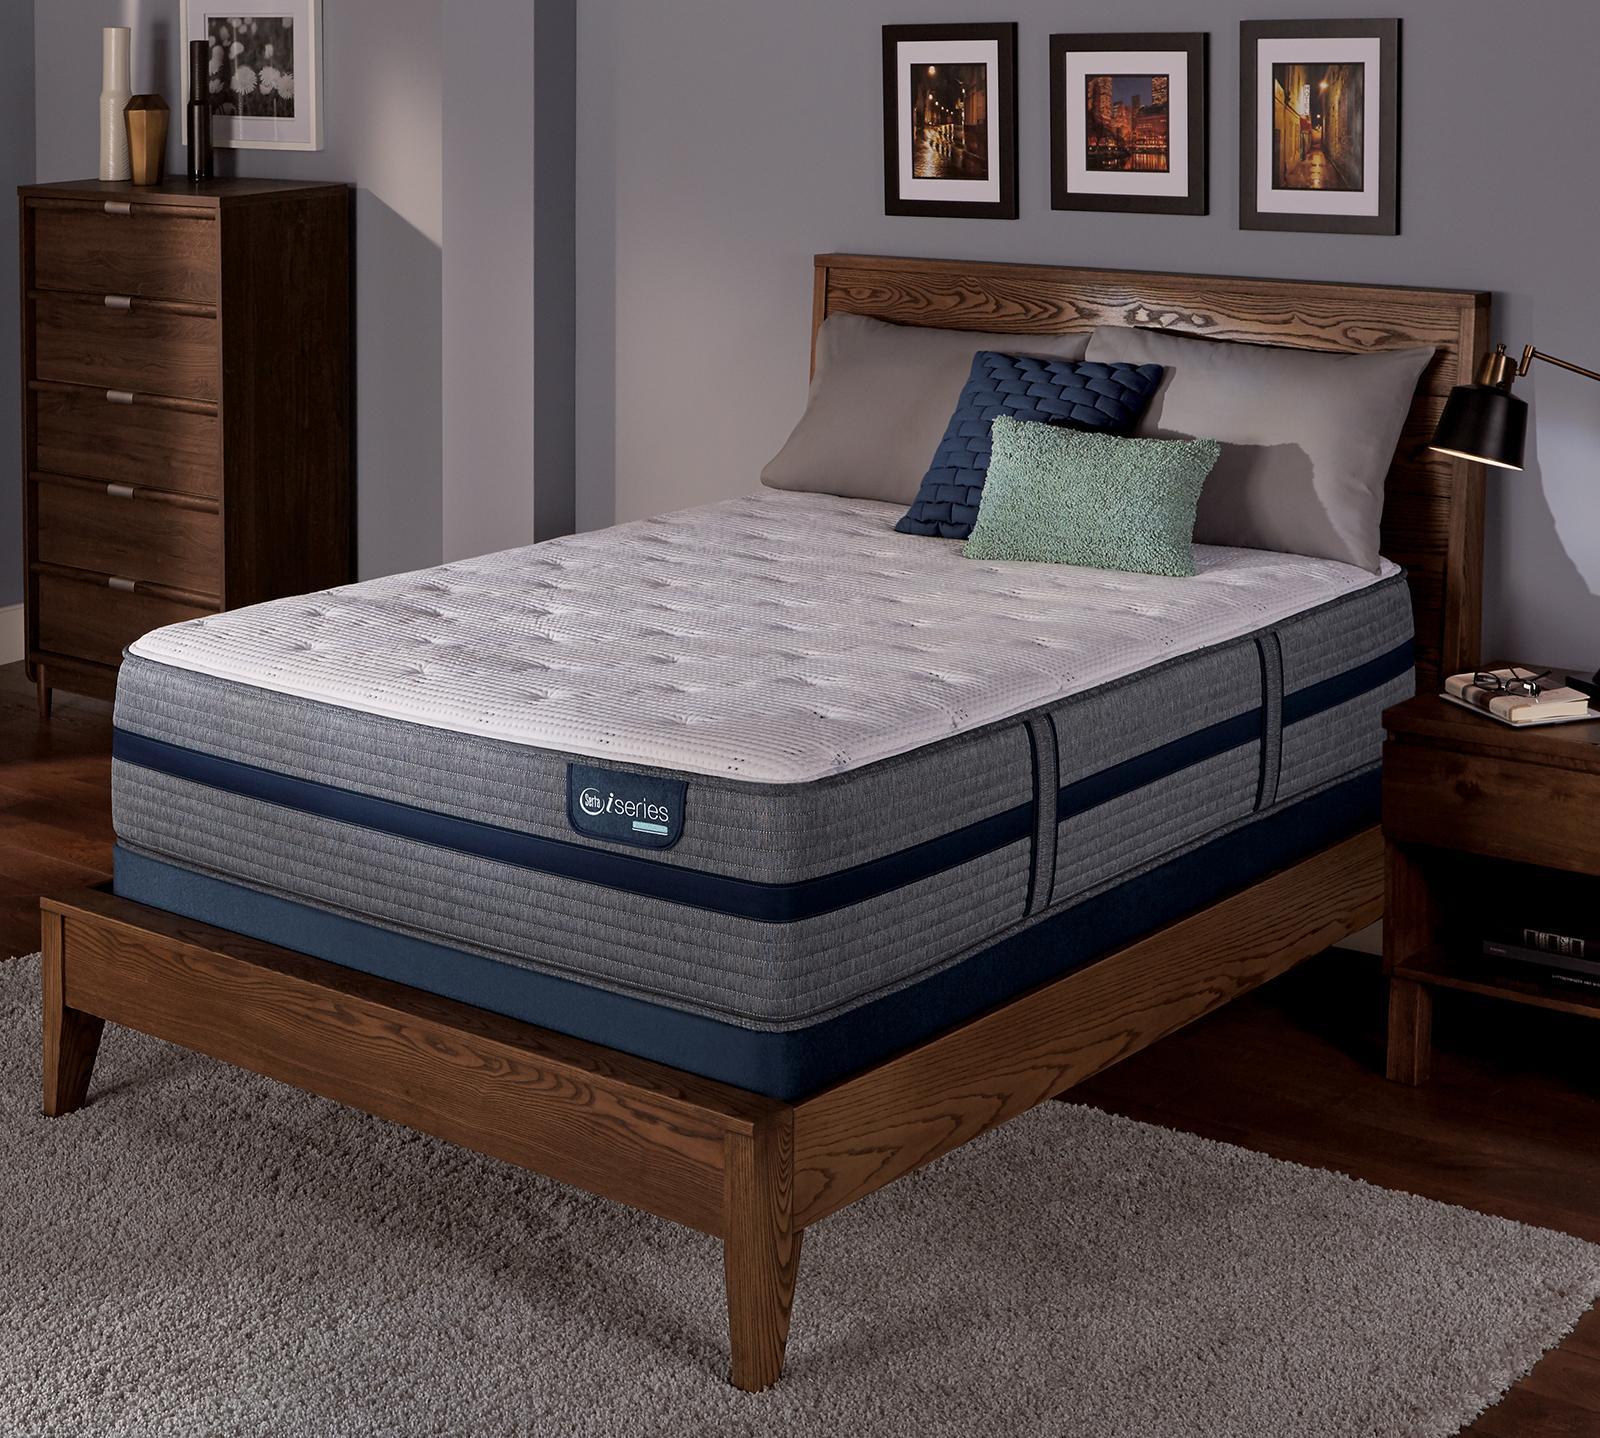 Serta Iseries 500 Cushion Firm